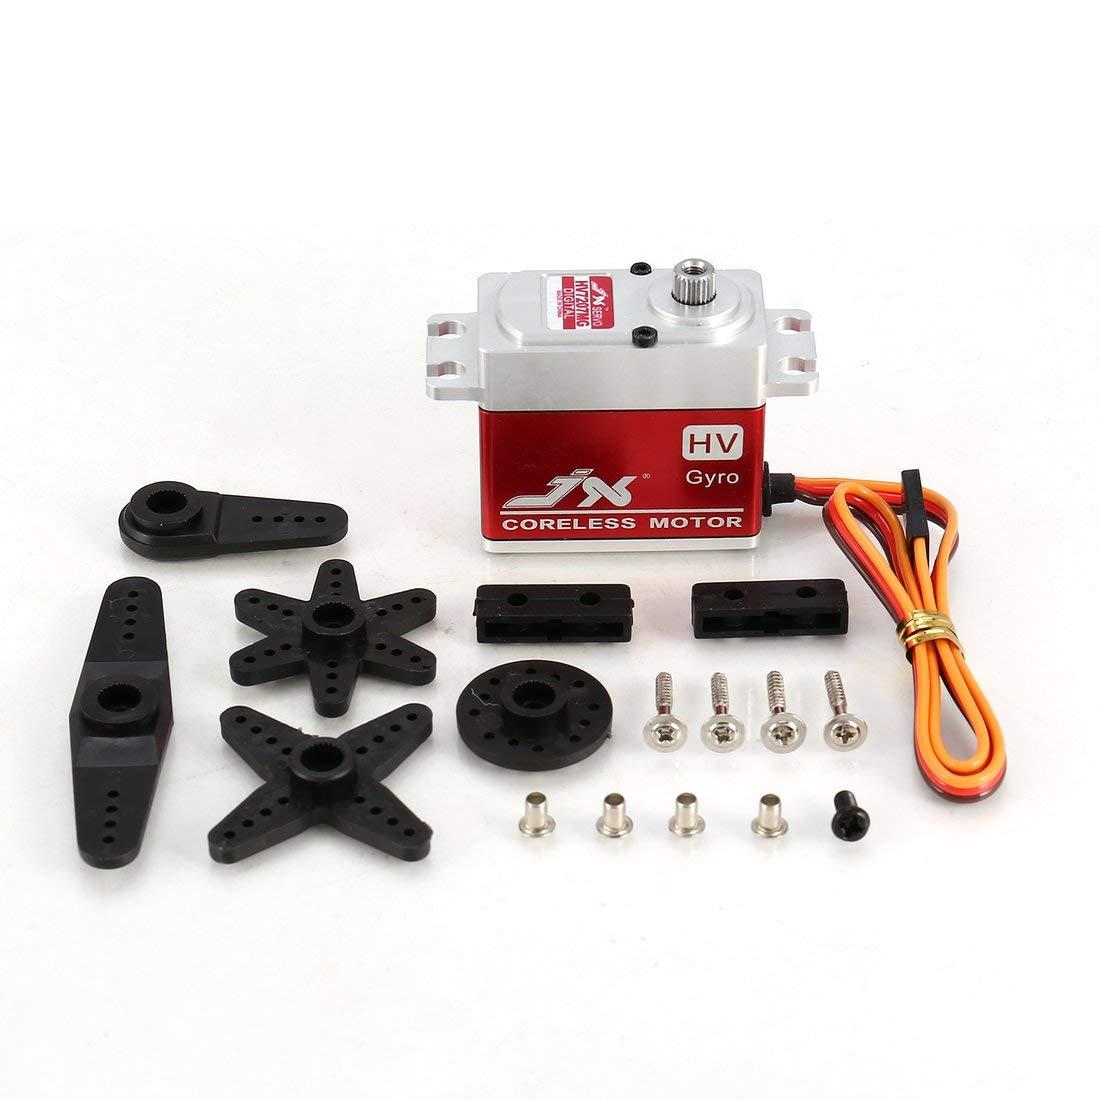 JX PDI-HV7207MG 7KG Dirección metálica de Metal, Engranaje Digital, servo Digital sin núcleo con Alto Voltaje de Torque de Alta tensión para el Robot de Coche RC - Negro y Plata